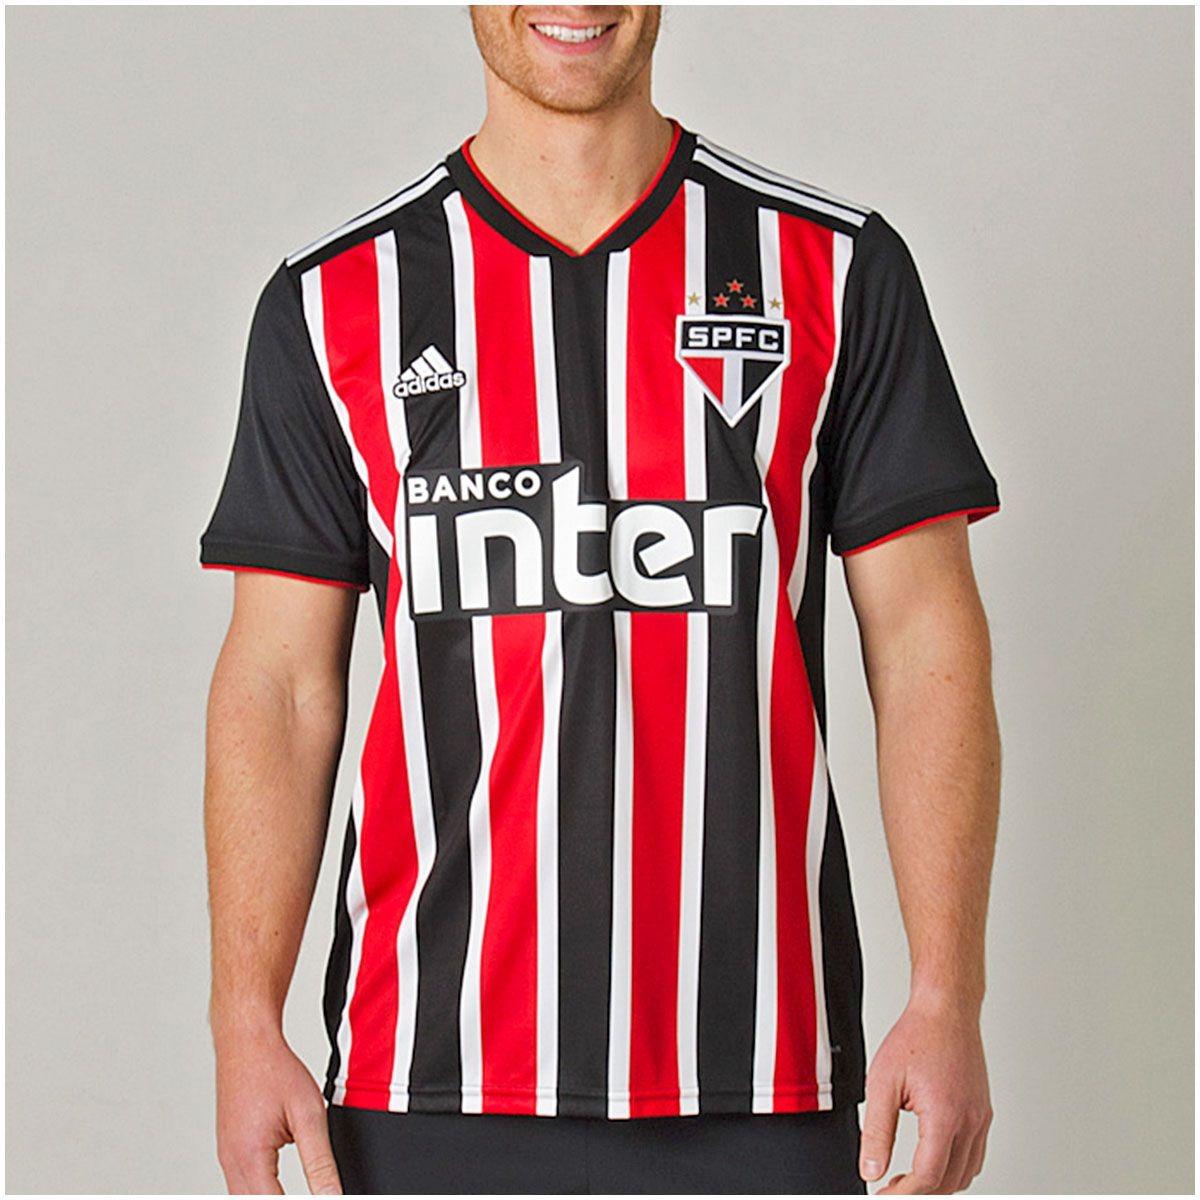 0e4a49138df Camisa São Paulo Ii 2018 Masculina - R$ 199,90 em Mercado Livre